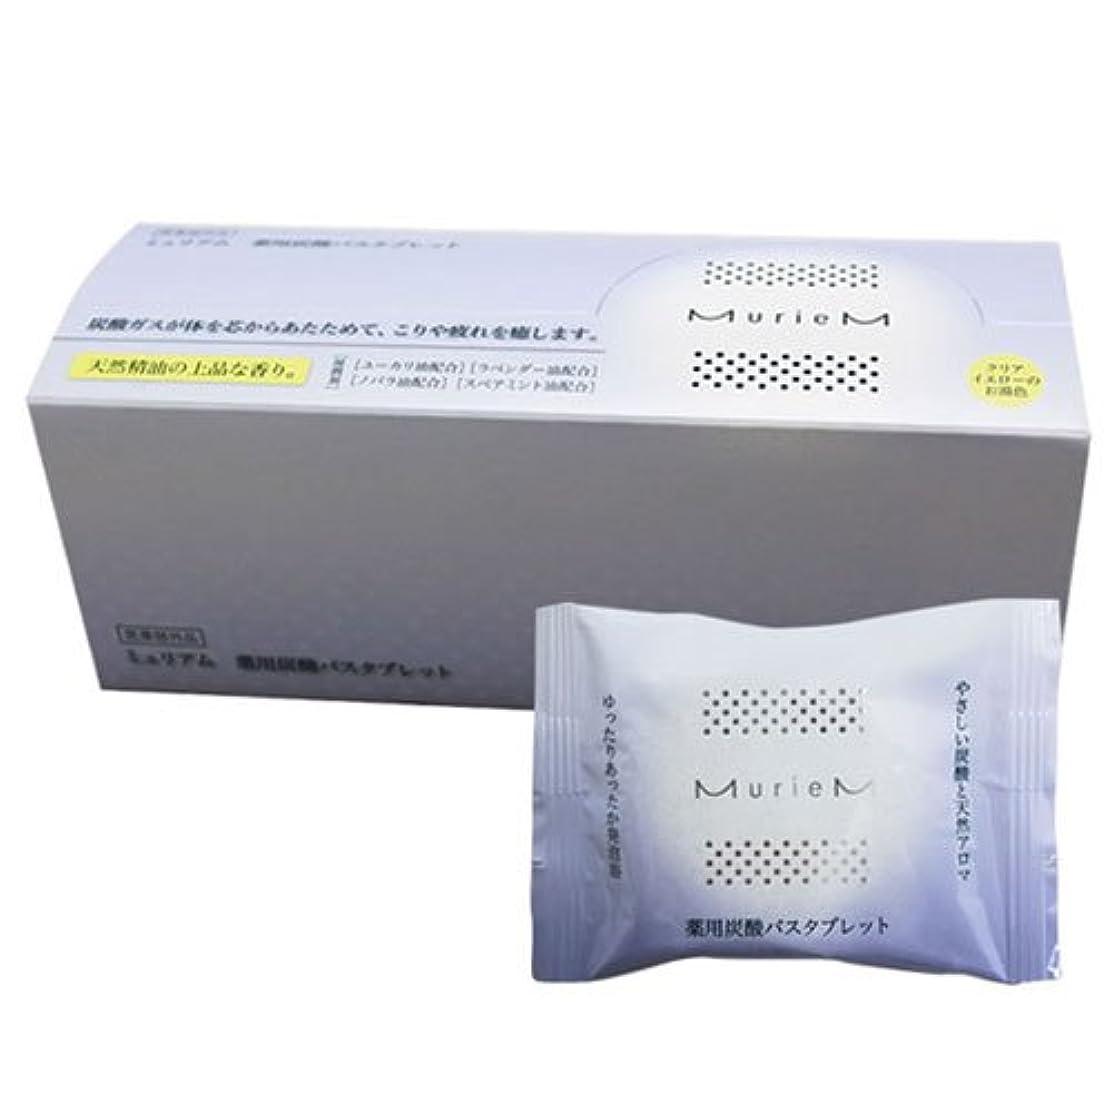 時代入口それらナンバースリー ミュリアム 薬用炭酸バスタブレット 30g×10包 [医薬部外品]